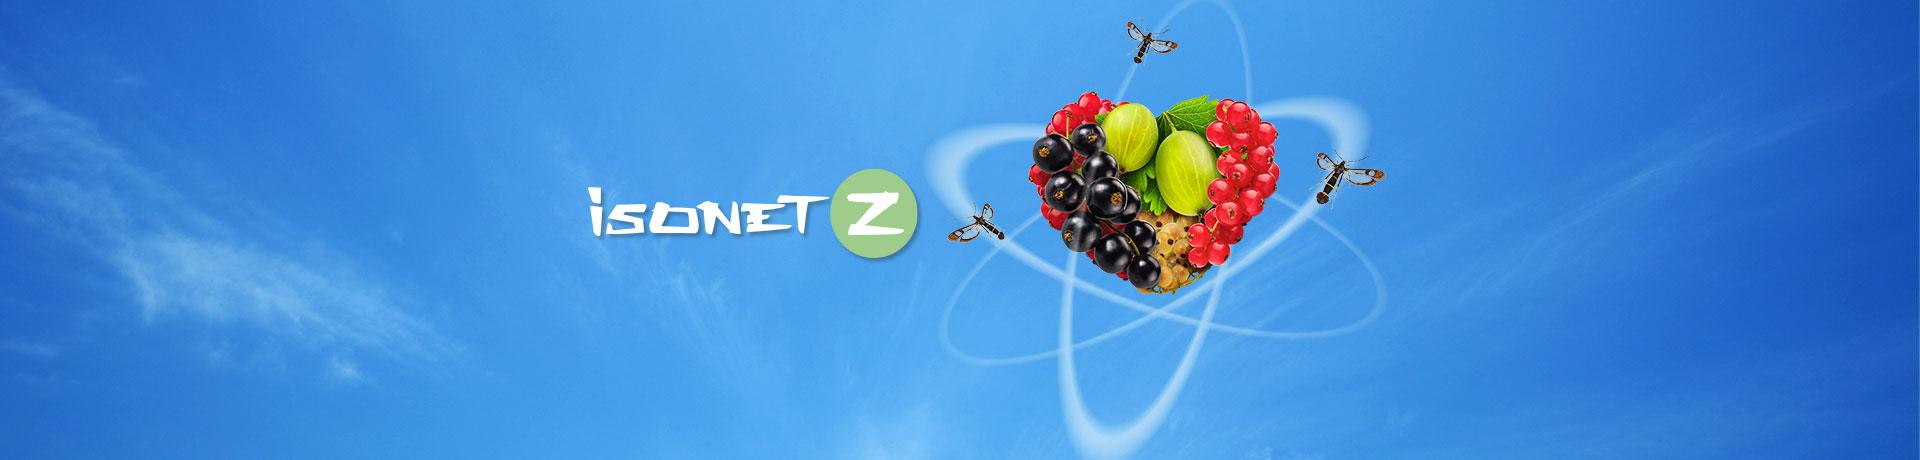 isonet z